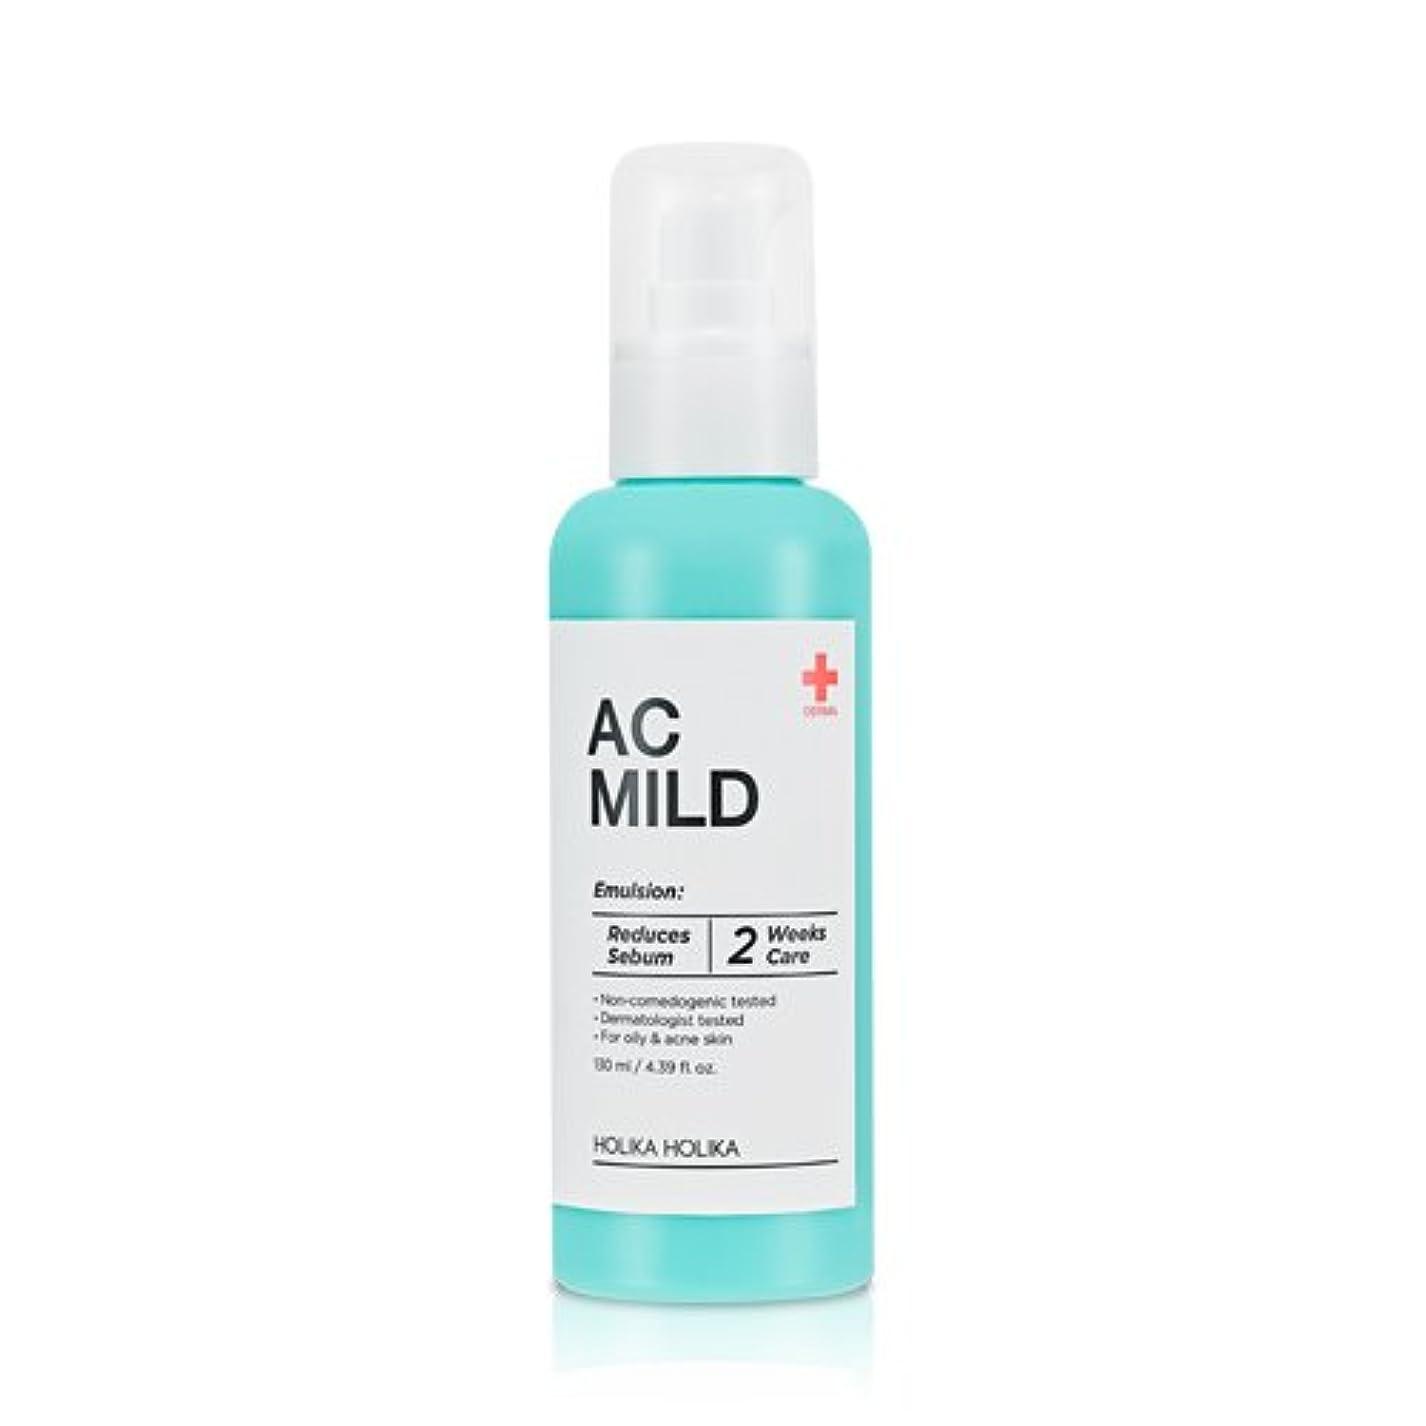 オーストラリア人新年排出ホリカホリカ ACマイルドスキンエマルジョン/HolikaHolika AC Mild Skin Emulsion 130ml?ローション [並行輸入品]